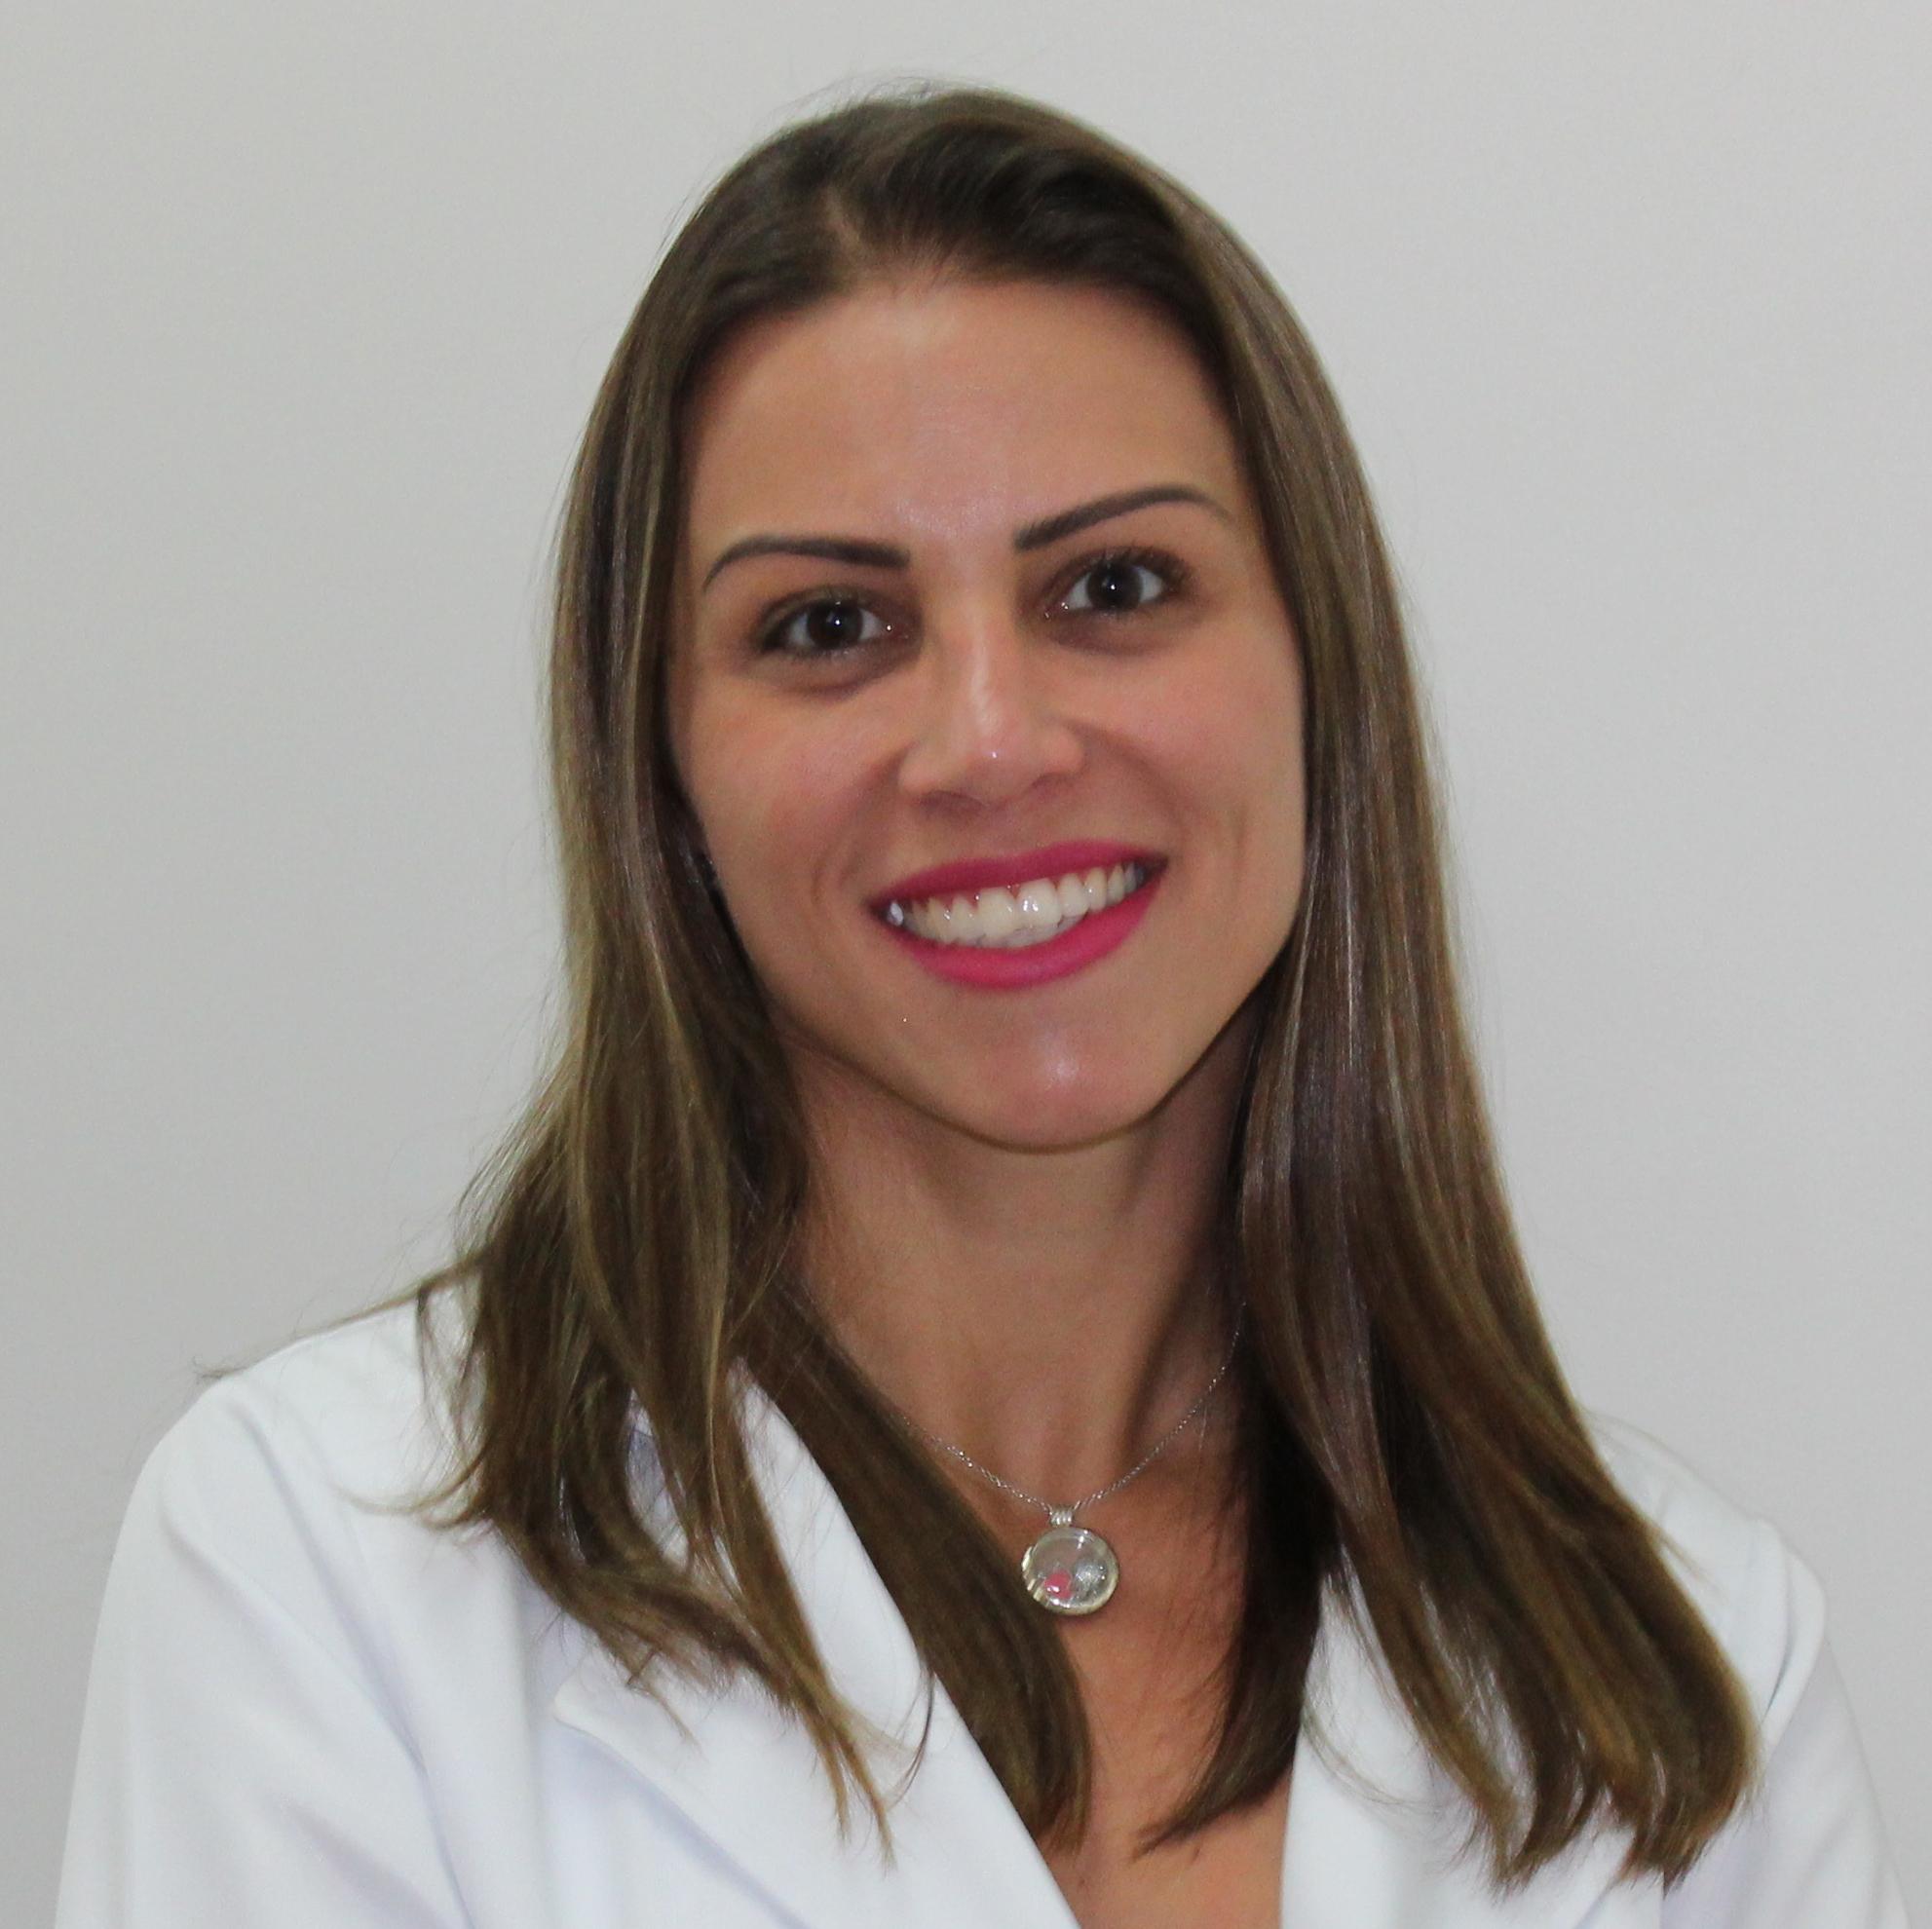 Sofia Oliveira Nasser